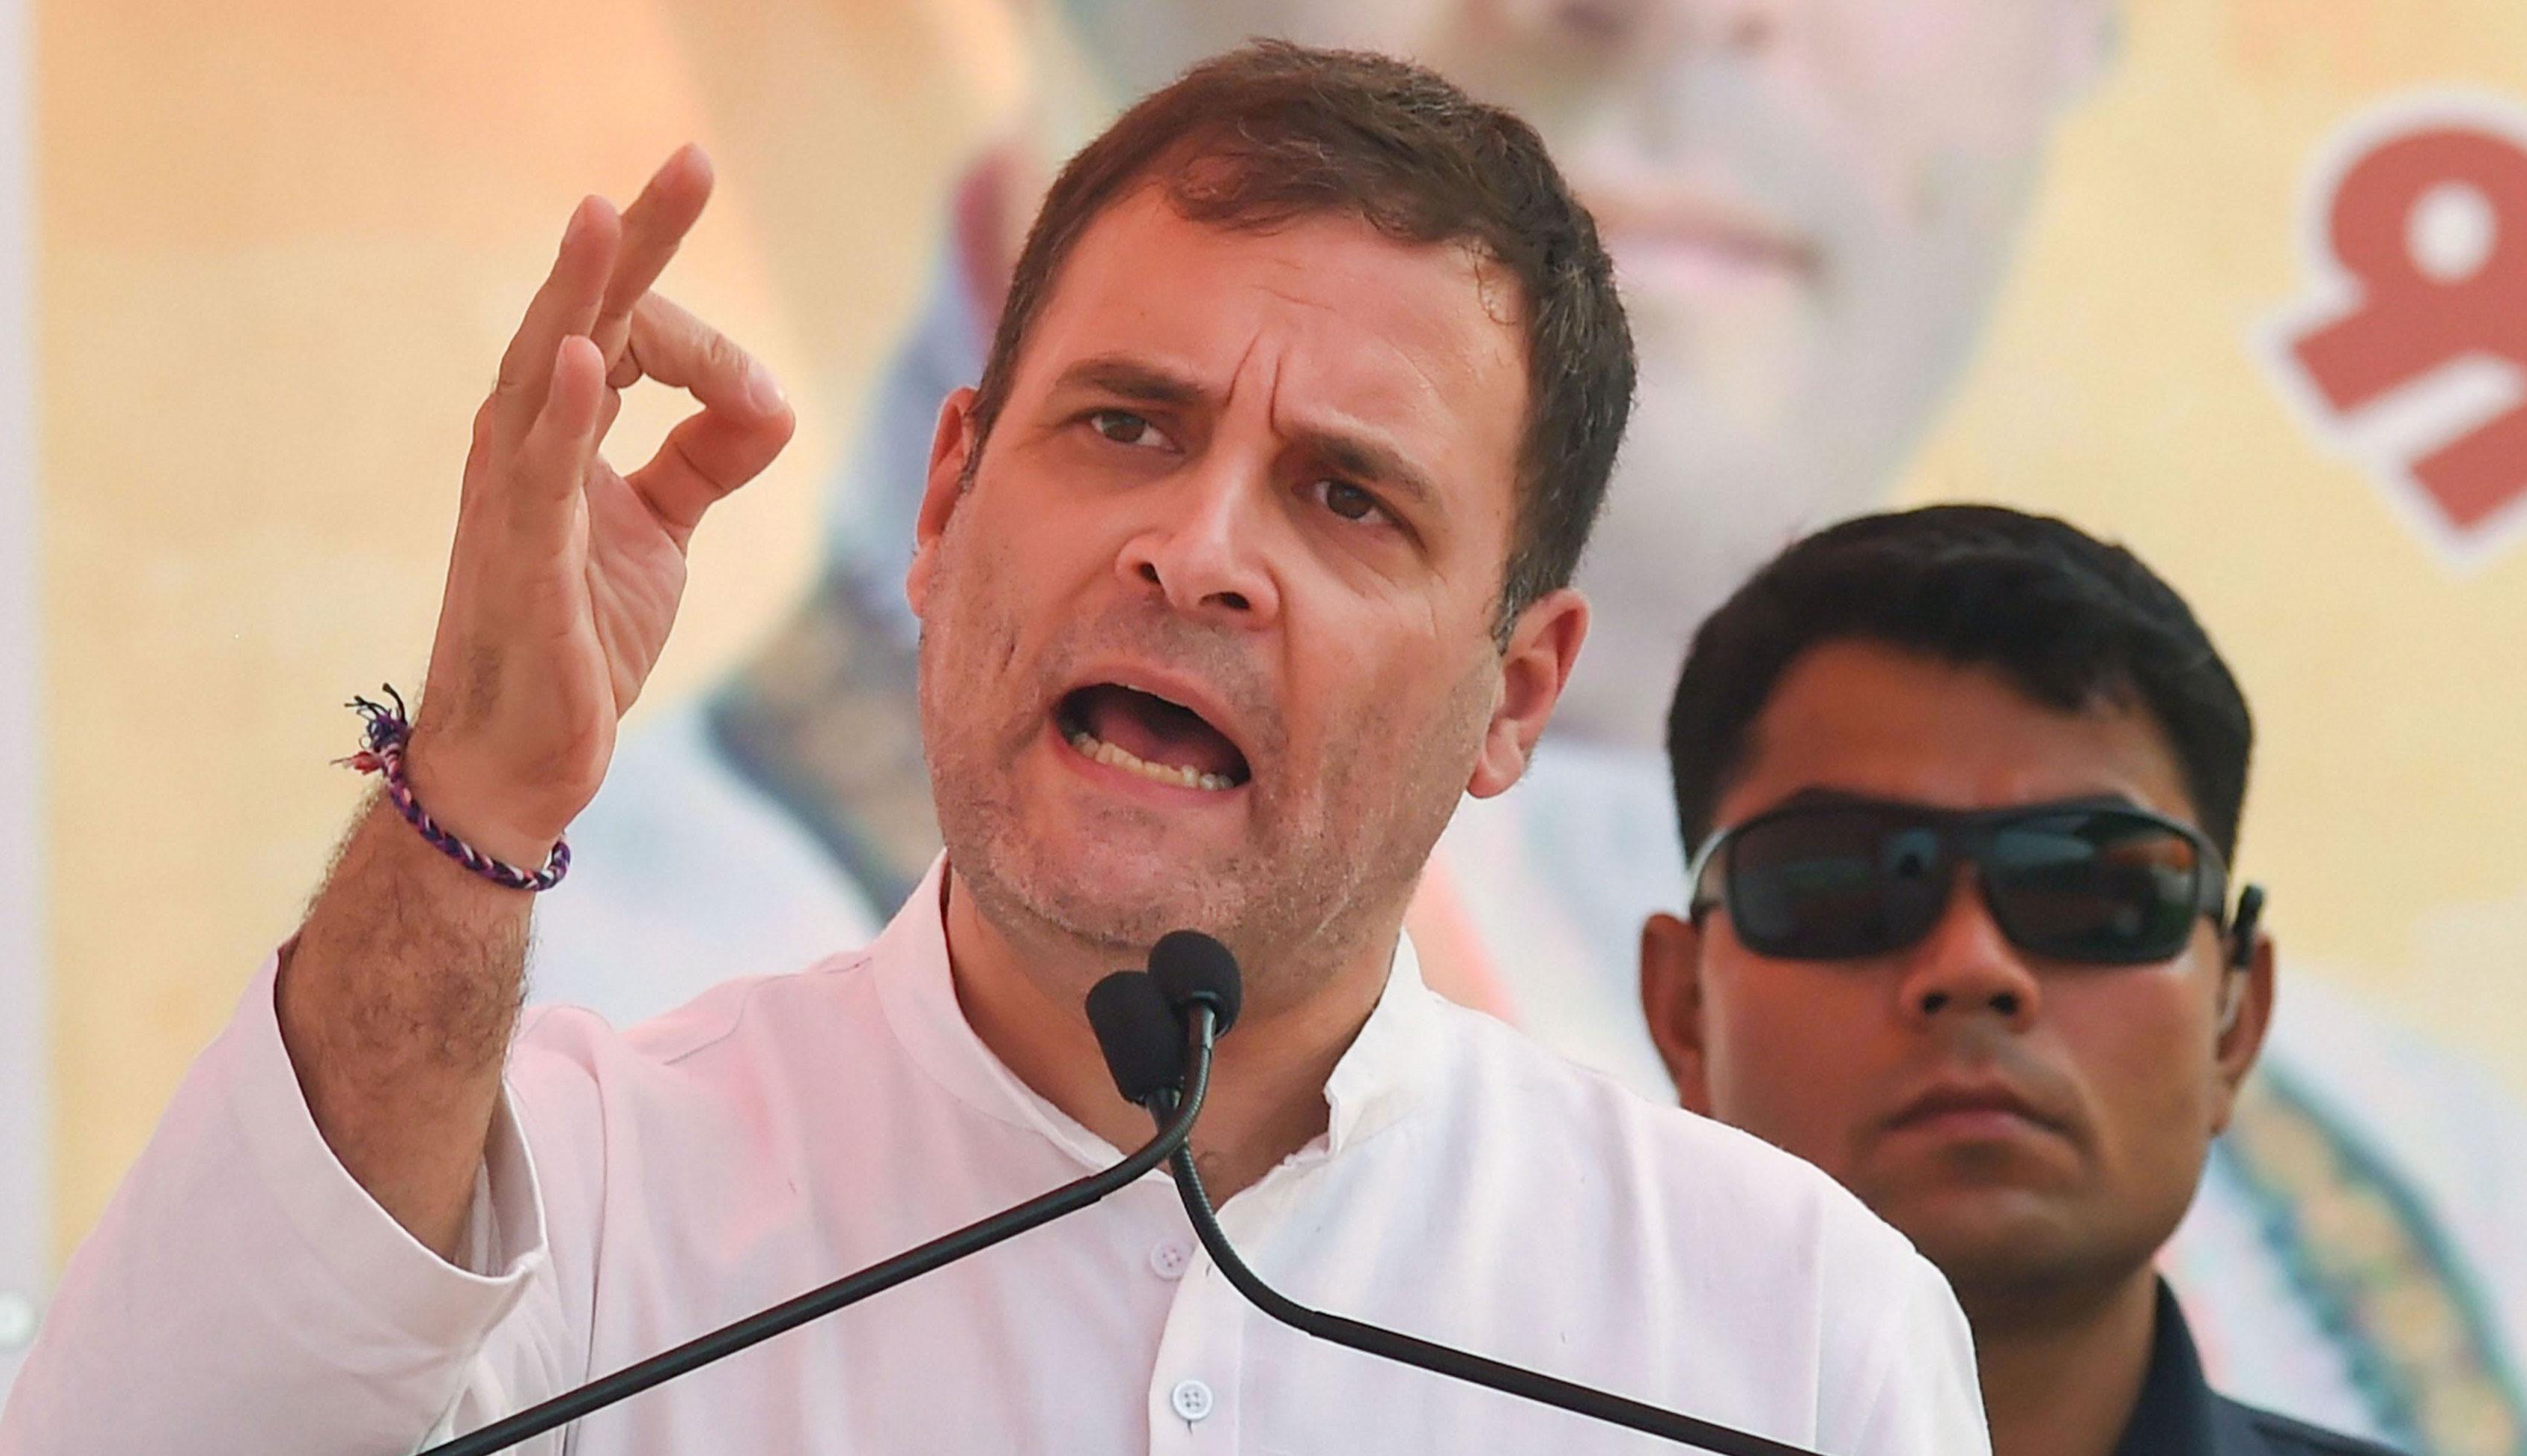 राहुल गांधी बोले- अडानी की संपत्ति 12 लाख करोड़ बढ़ी, आपकी कितनी बढ़ी.. जीरो